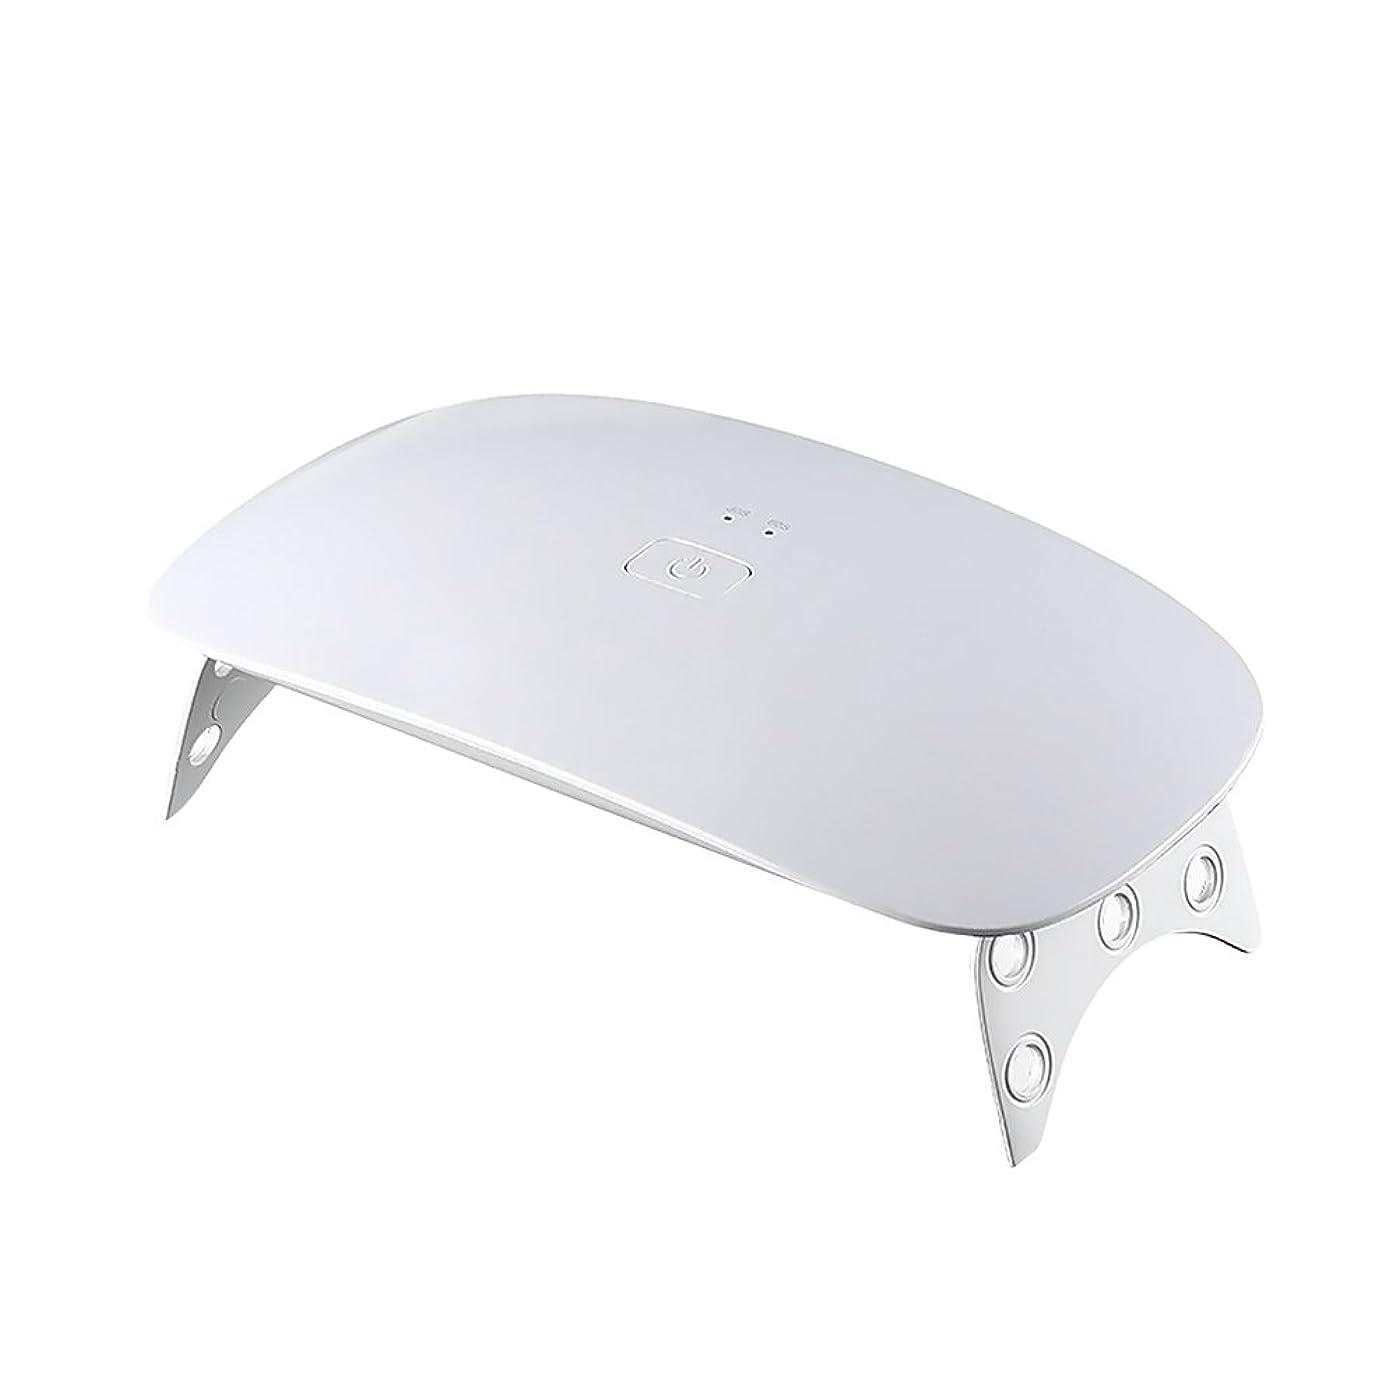 スペクトラムジュニア誰Ourine ジェルネイルライト LEDネイルドライヤー UVライト ネイルライト 手足両用 速乾 タイマー設定可能 時間設定 180度照射 折りたたみ 携帯便利